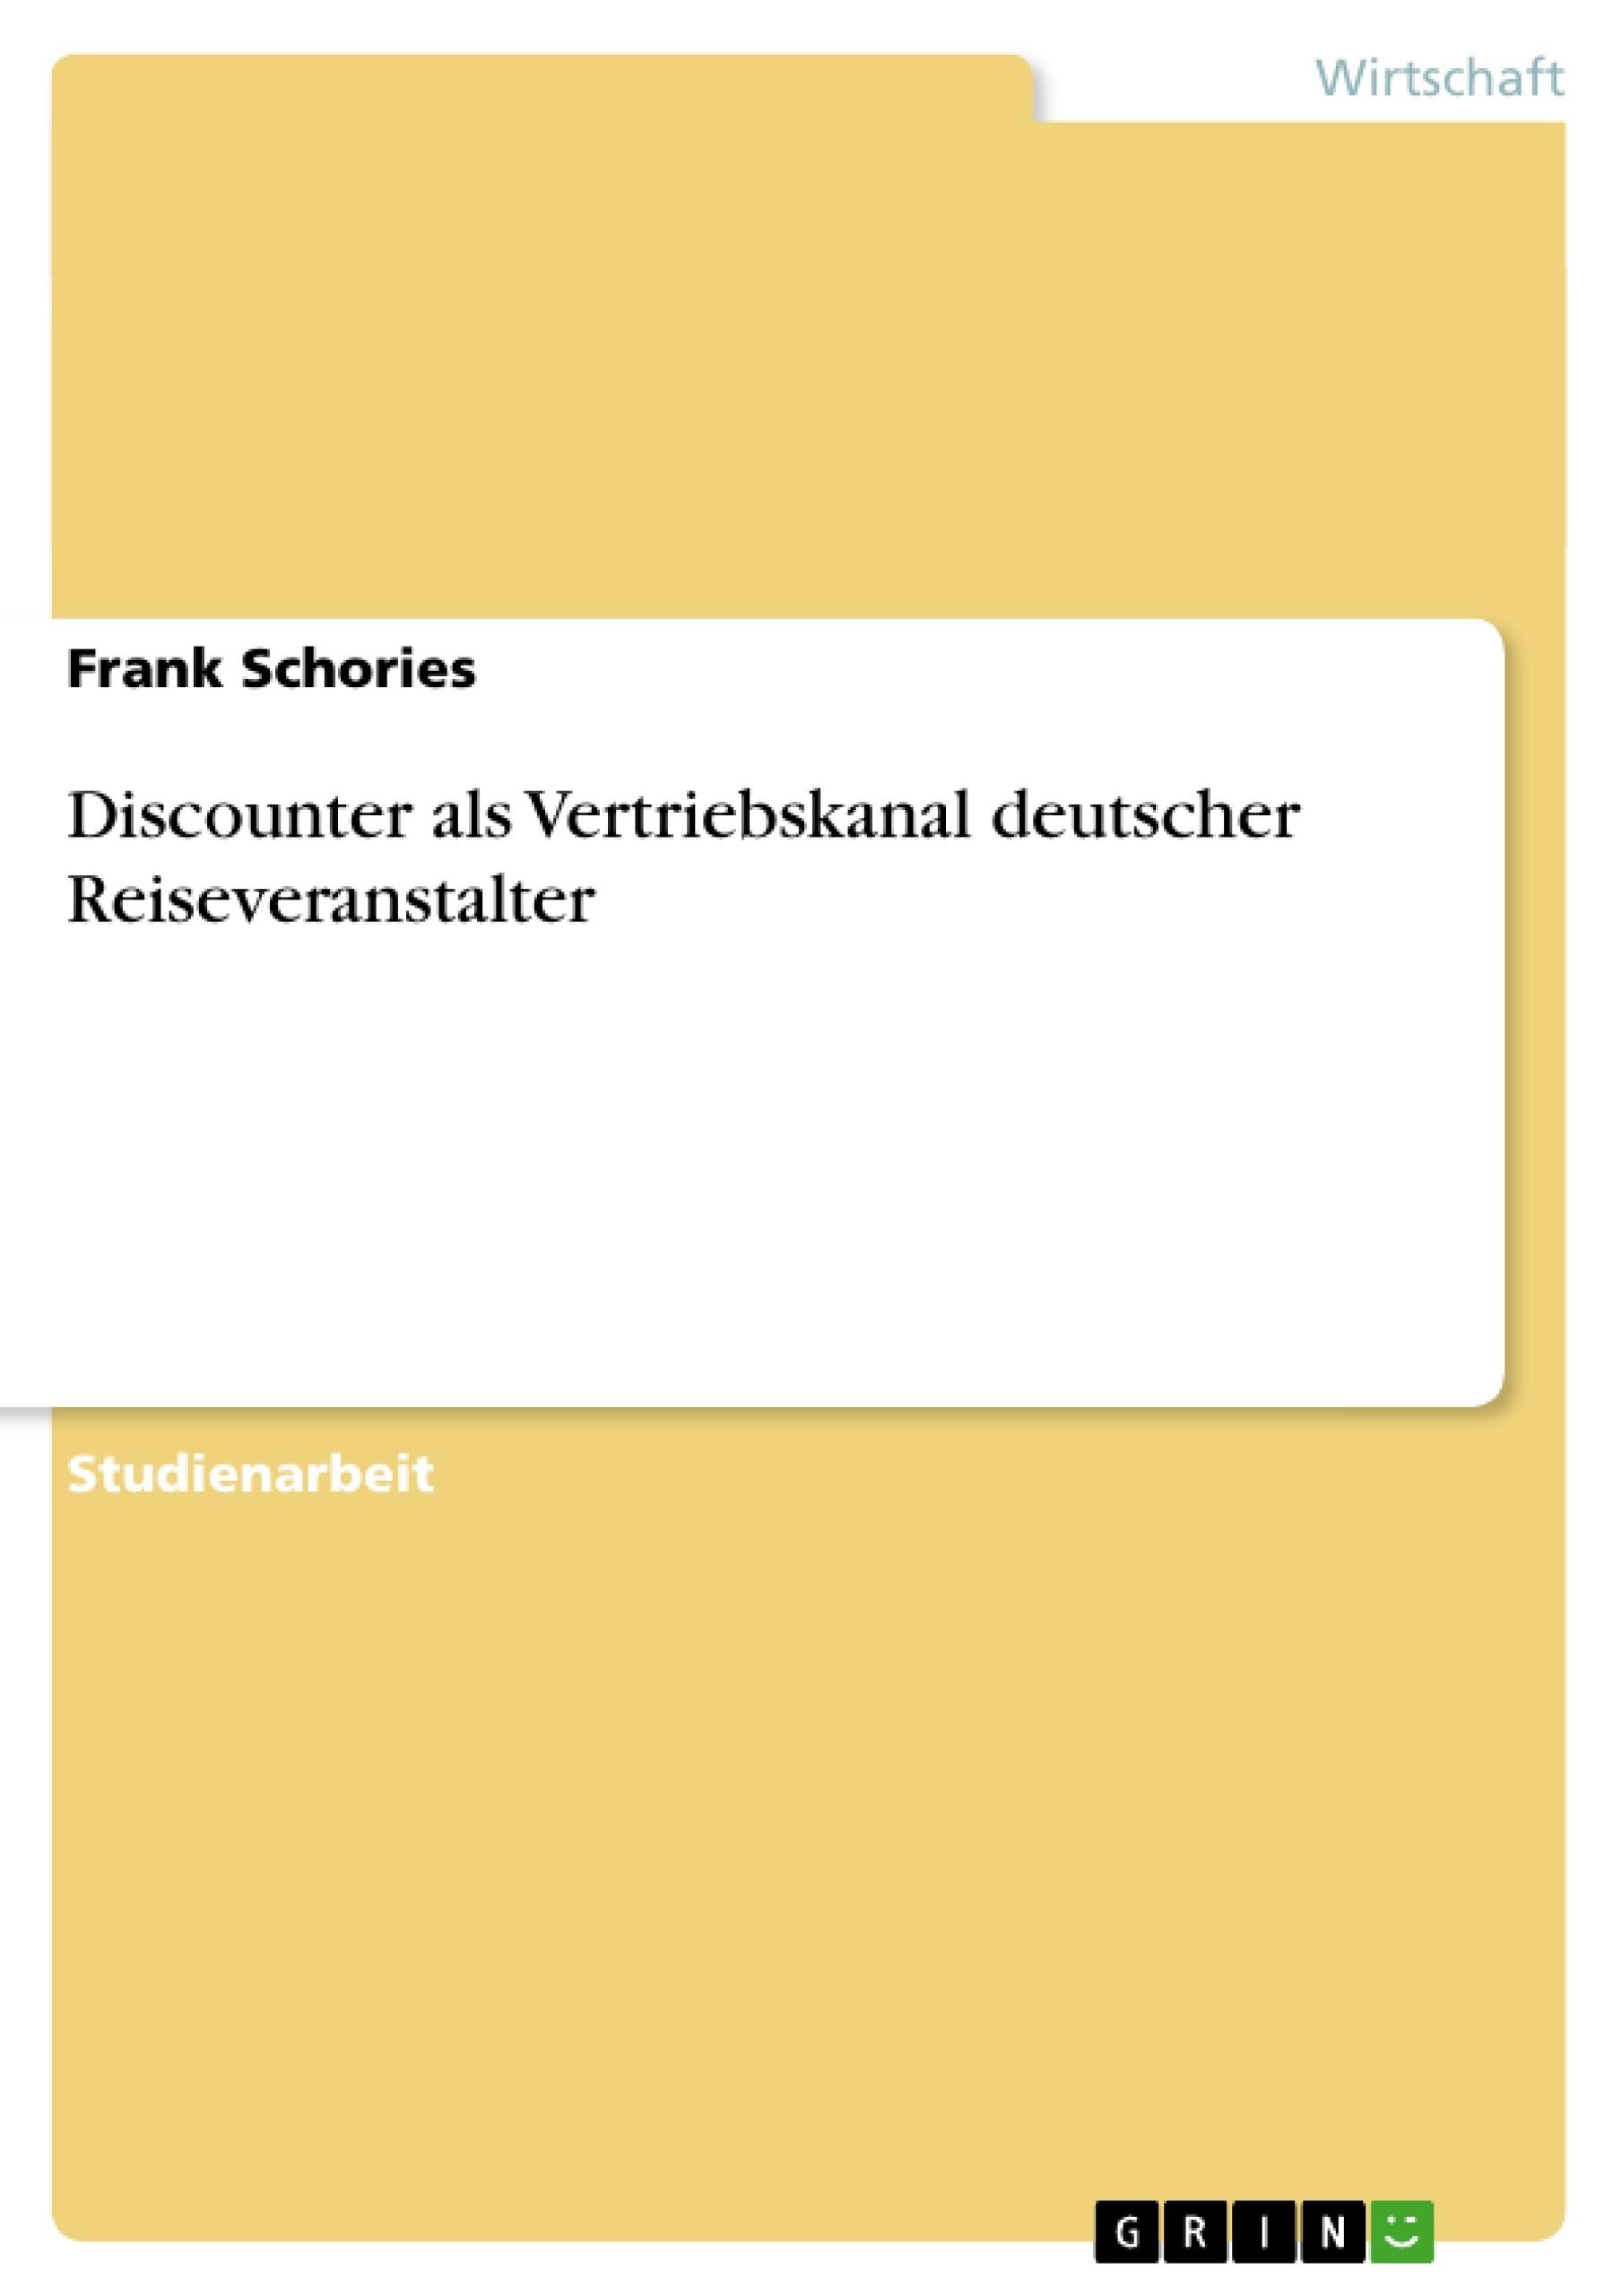 Titel: Discounter als Vertriebskanal deutscher Reiseveranstalter